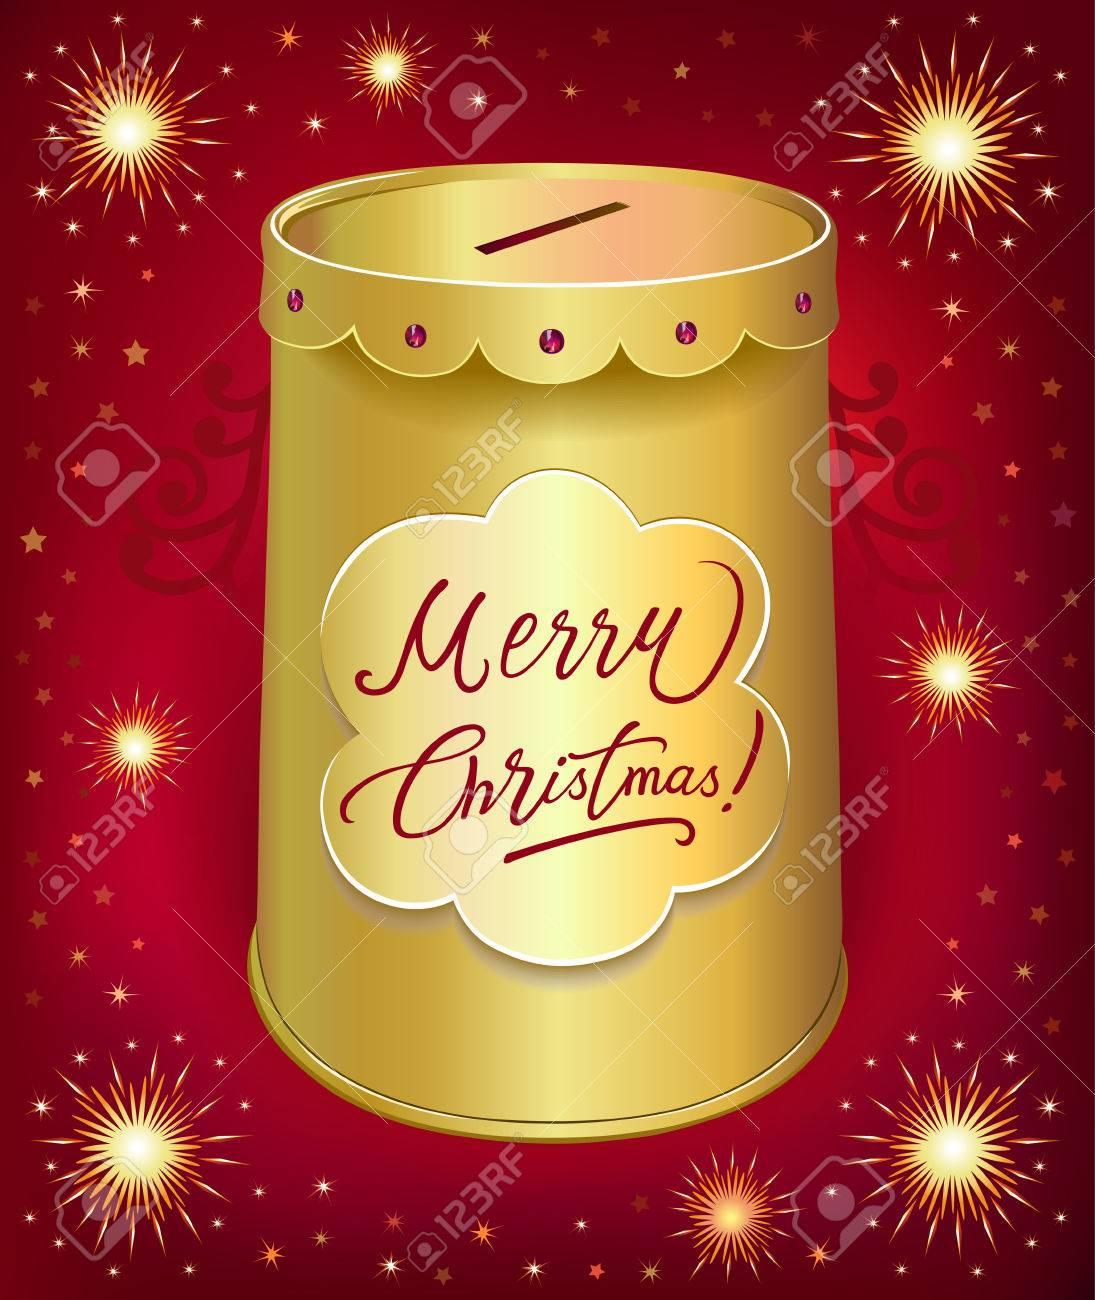 Weihnachten Sparbüchse Blechdose Isoliert Auf Rotem Hintergrund ...